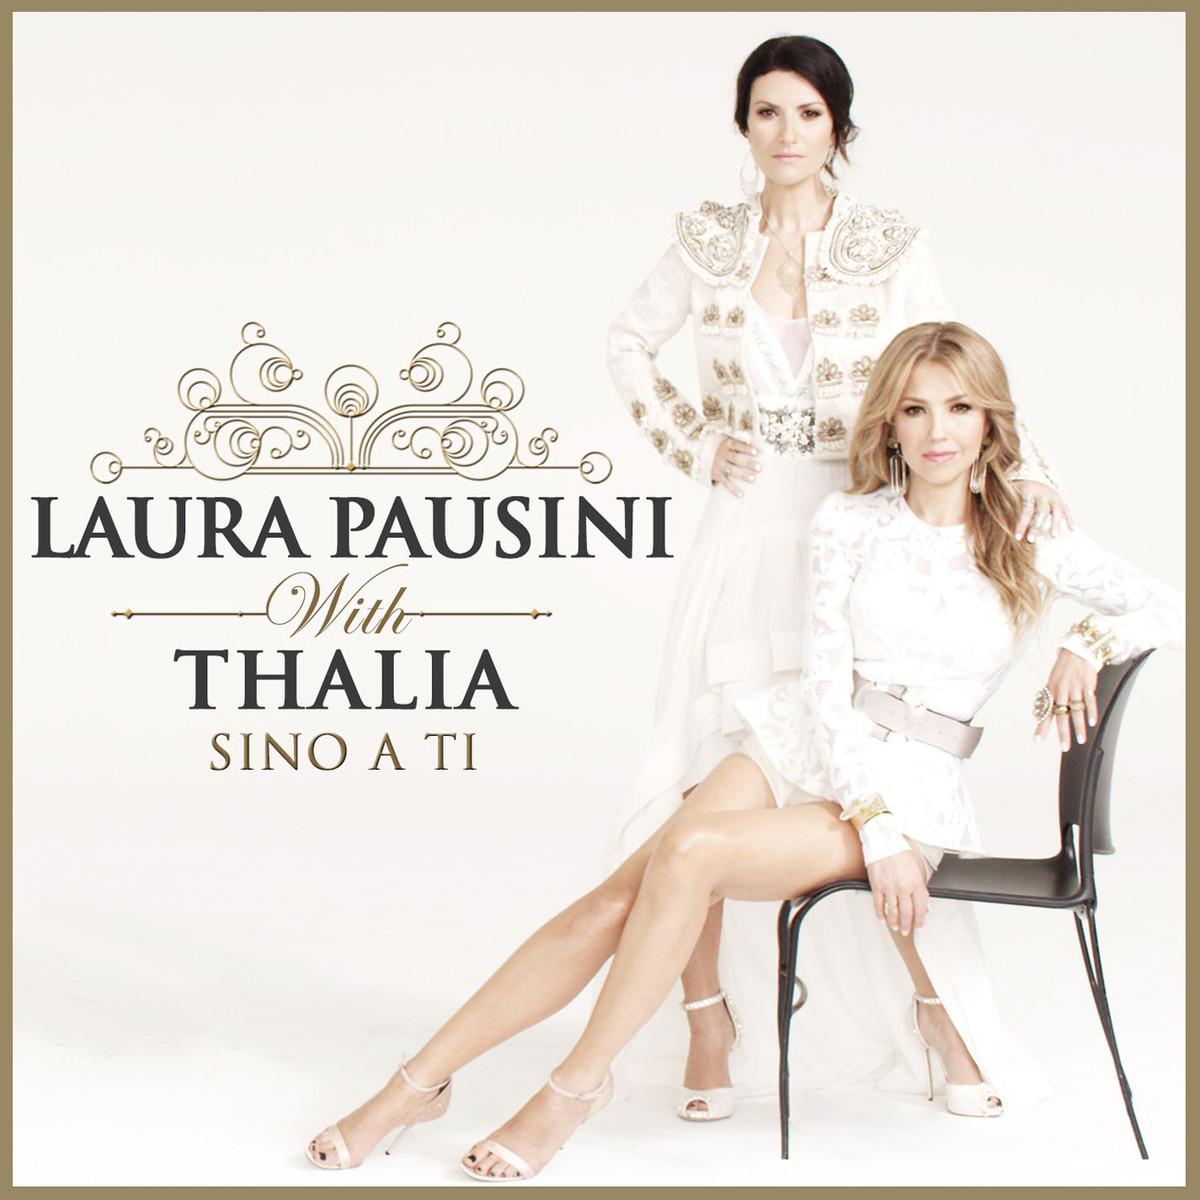 laura-pausini-thalia